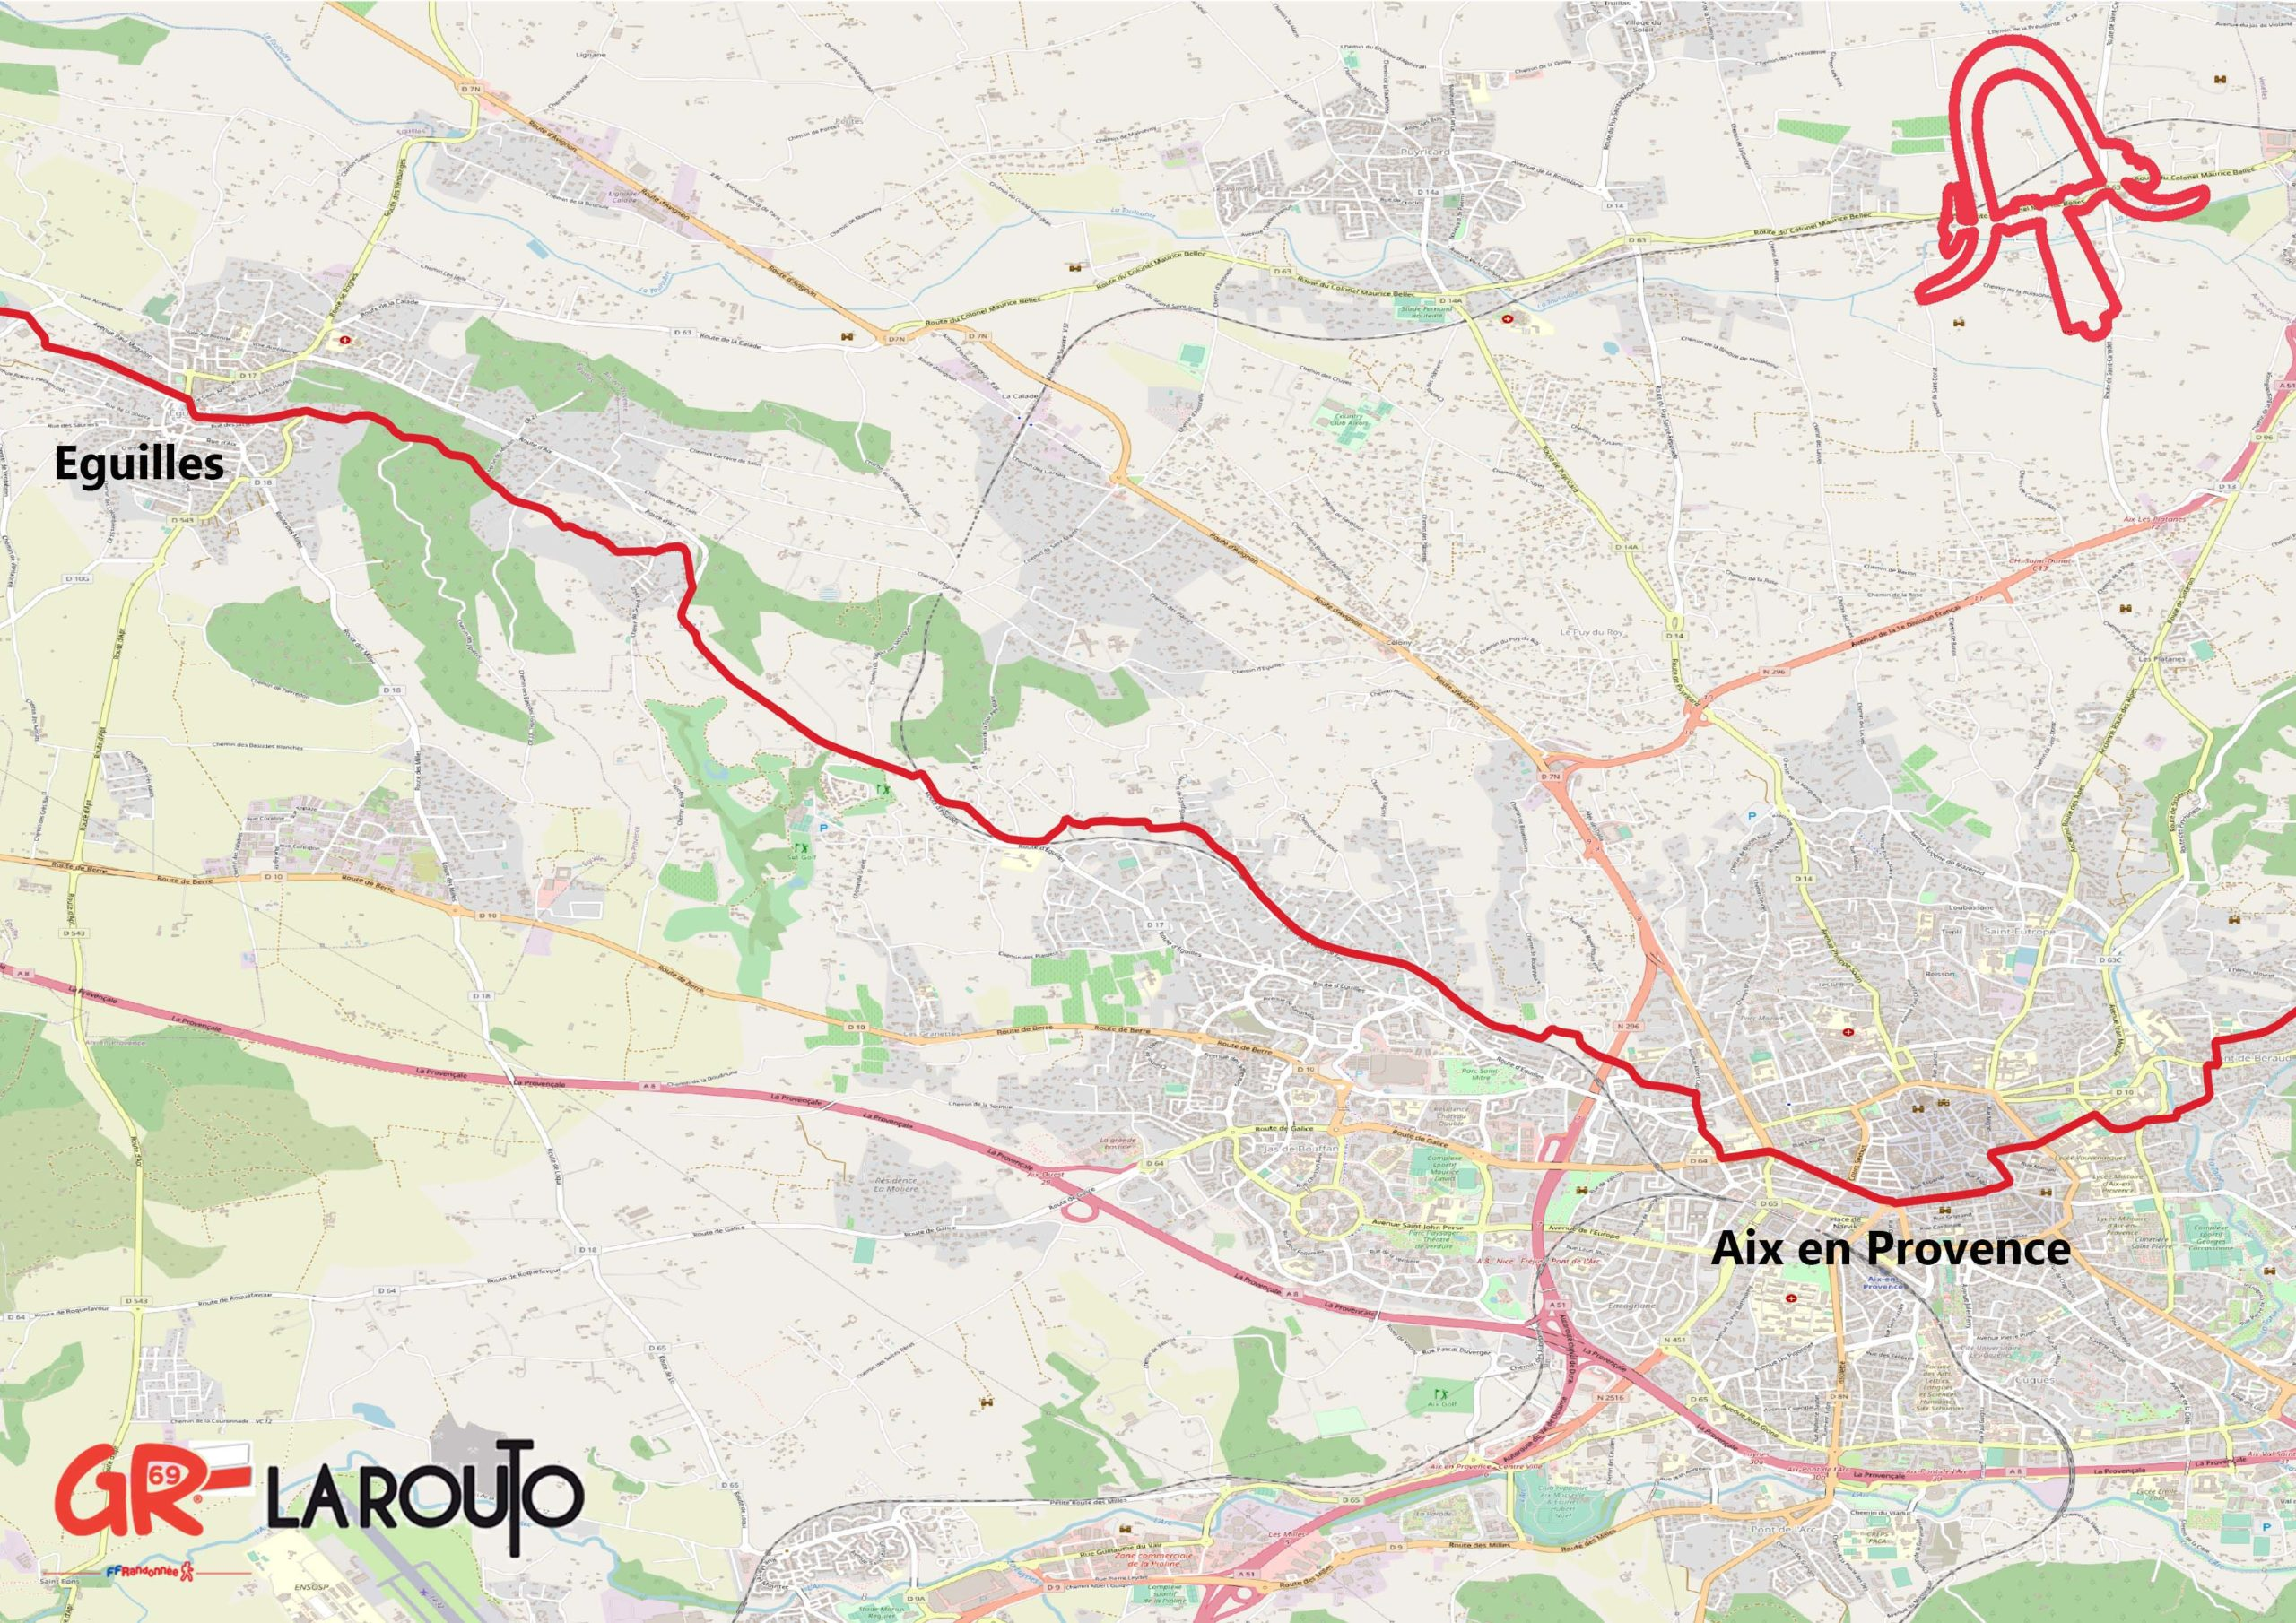 etape-6-eguilles-aix-en-provence